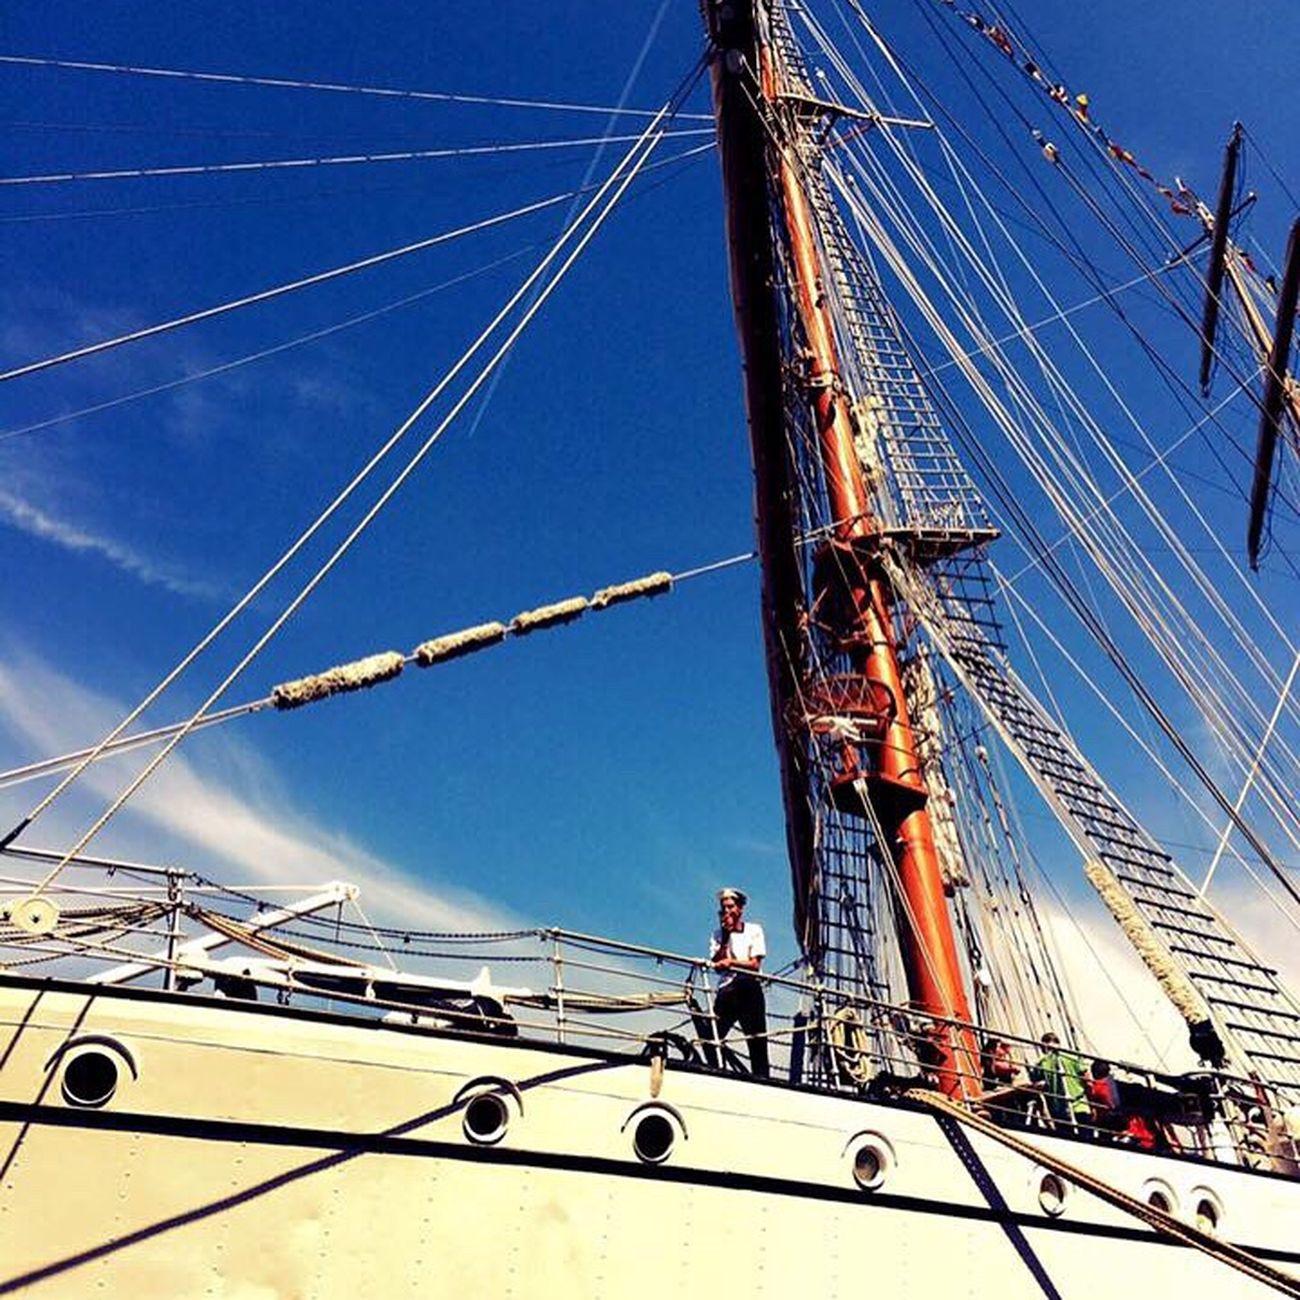 Sailor at Sail - Amsterdam